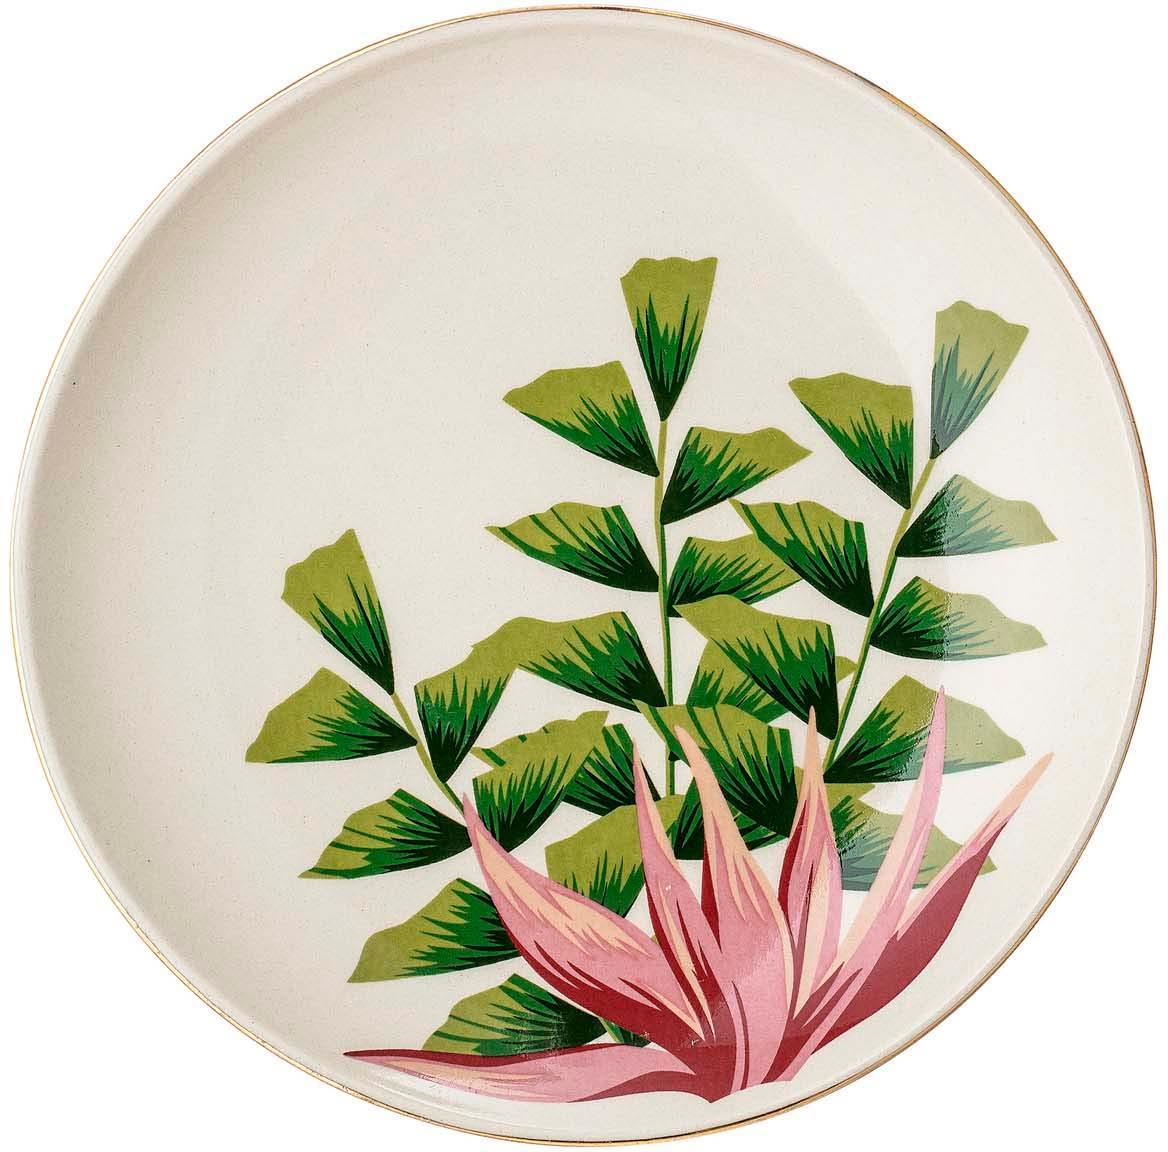 Piattino da dessert con bordo dorato Moana, Terracotta, Bianco, verde, rosa, Ø 16 cm